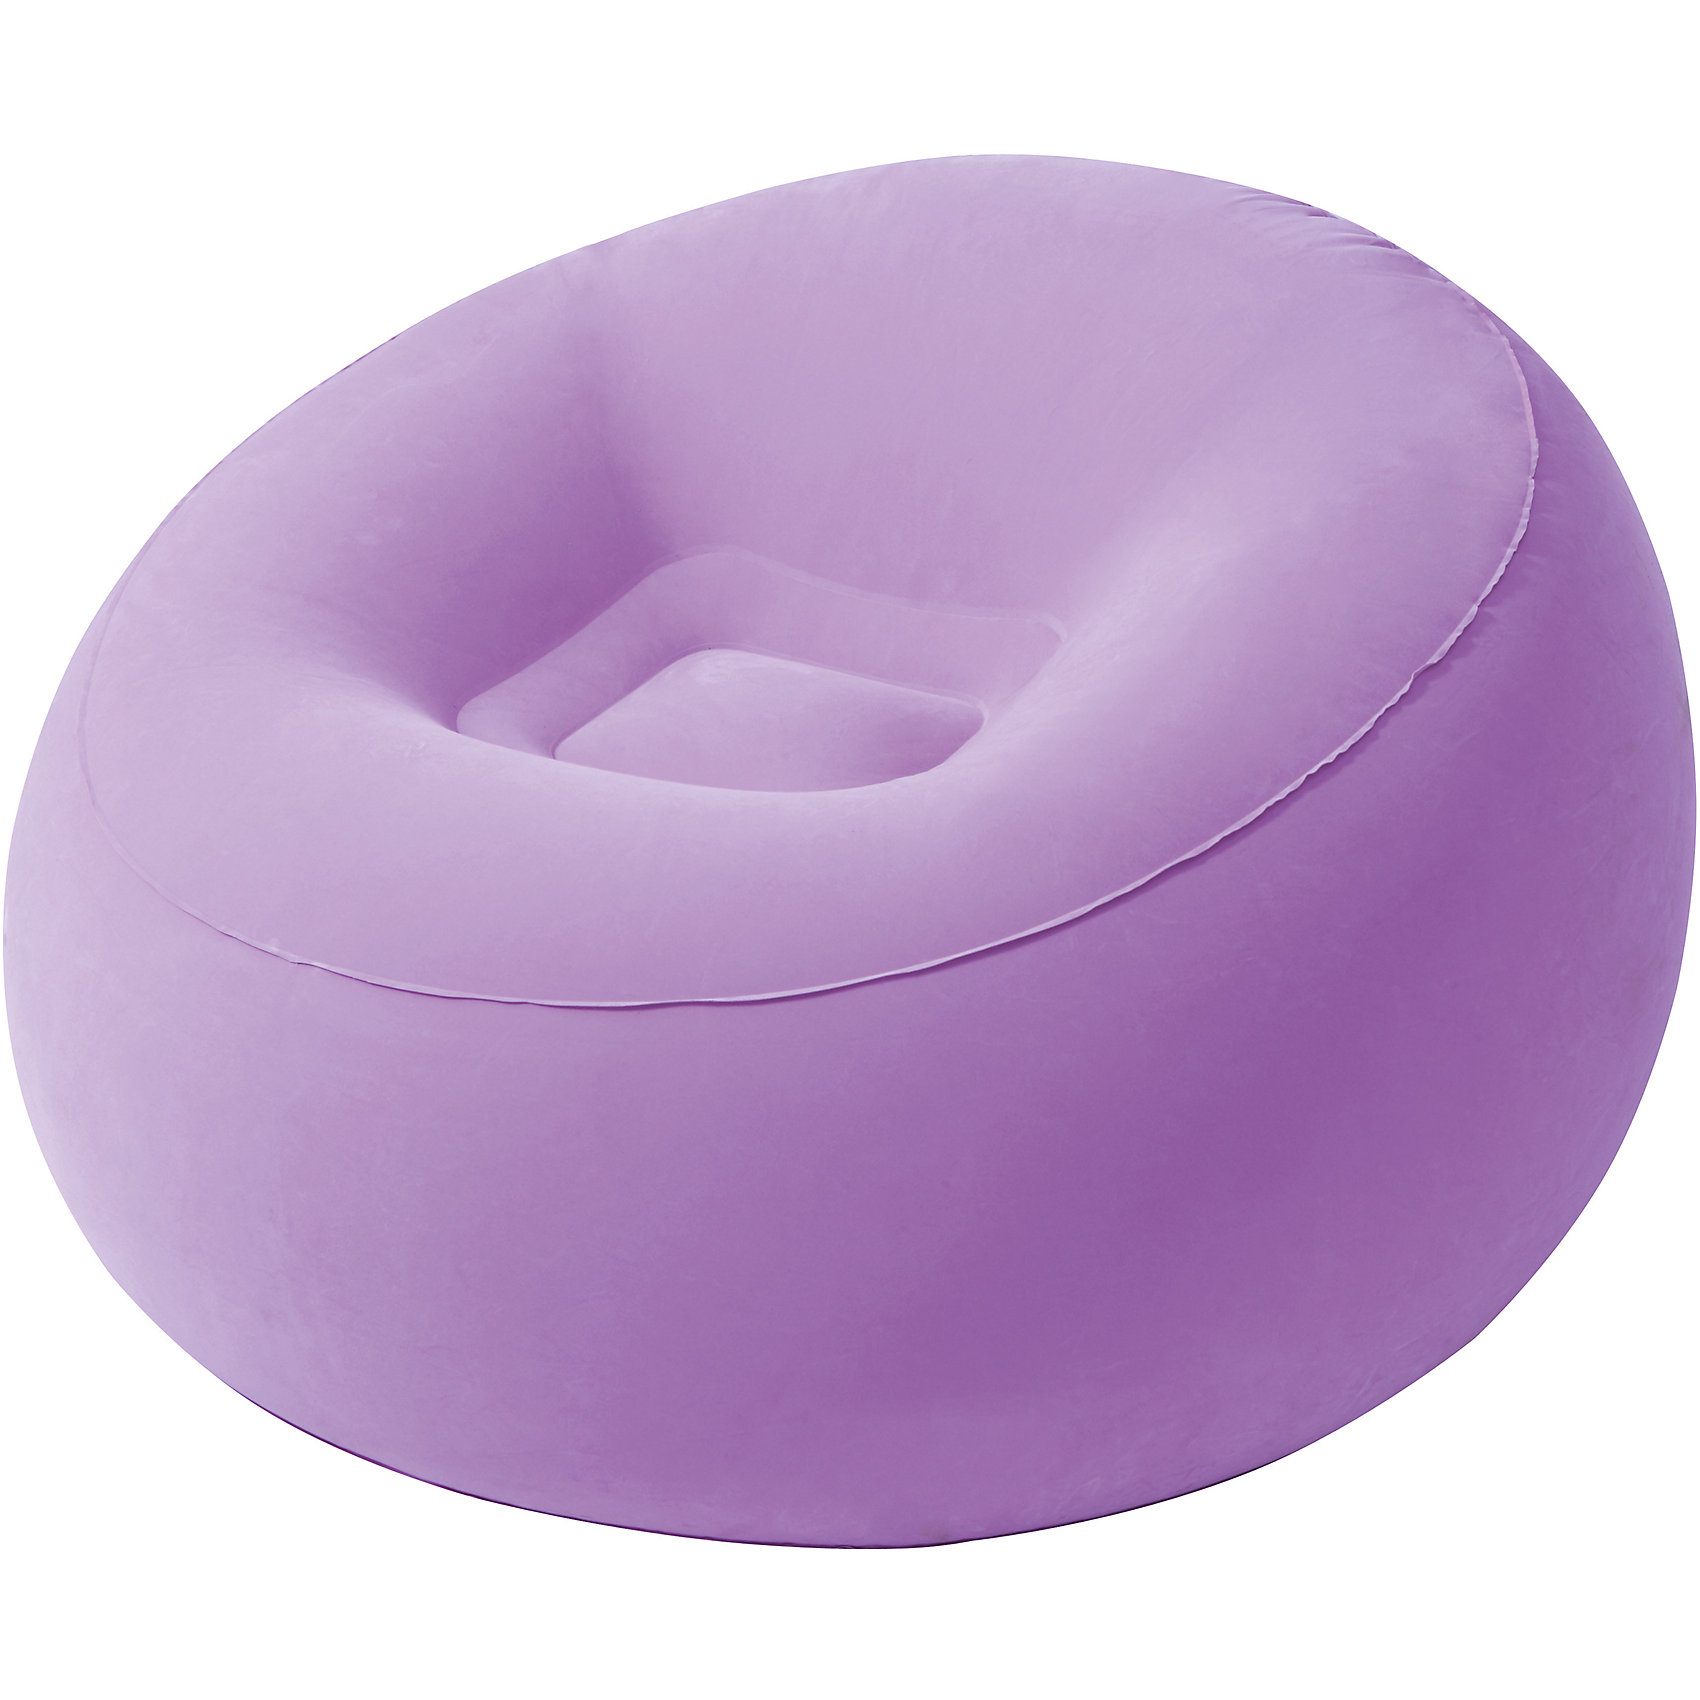 Кресло надувное, 112х112х66 см, фиолетовое, Bestway